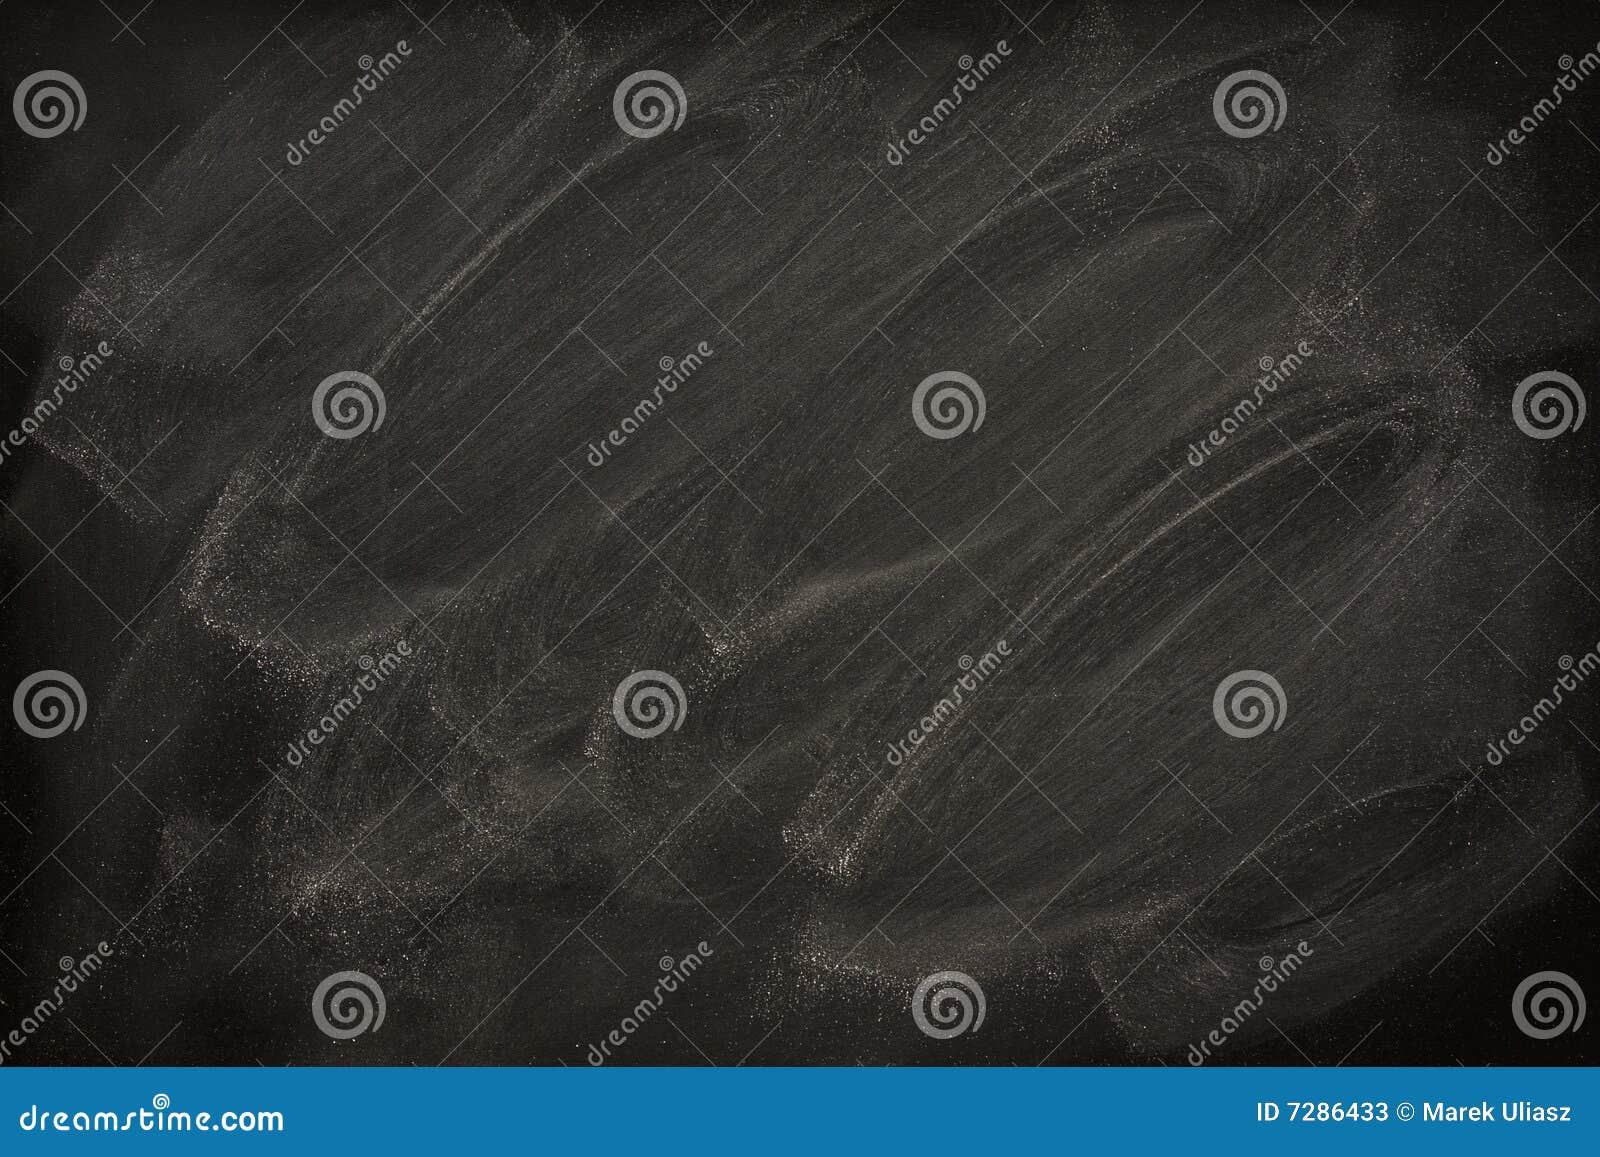 tableau noir blanc avec des bavures de craie image stock image du personne noir 7286433. Black Bedroom Furniture Sets. Home Design Ideas